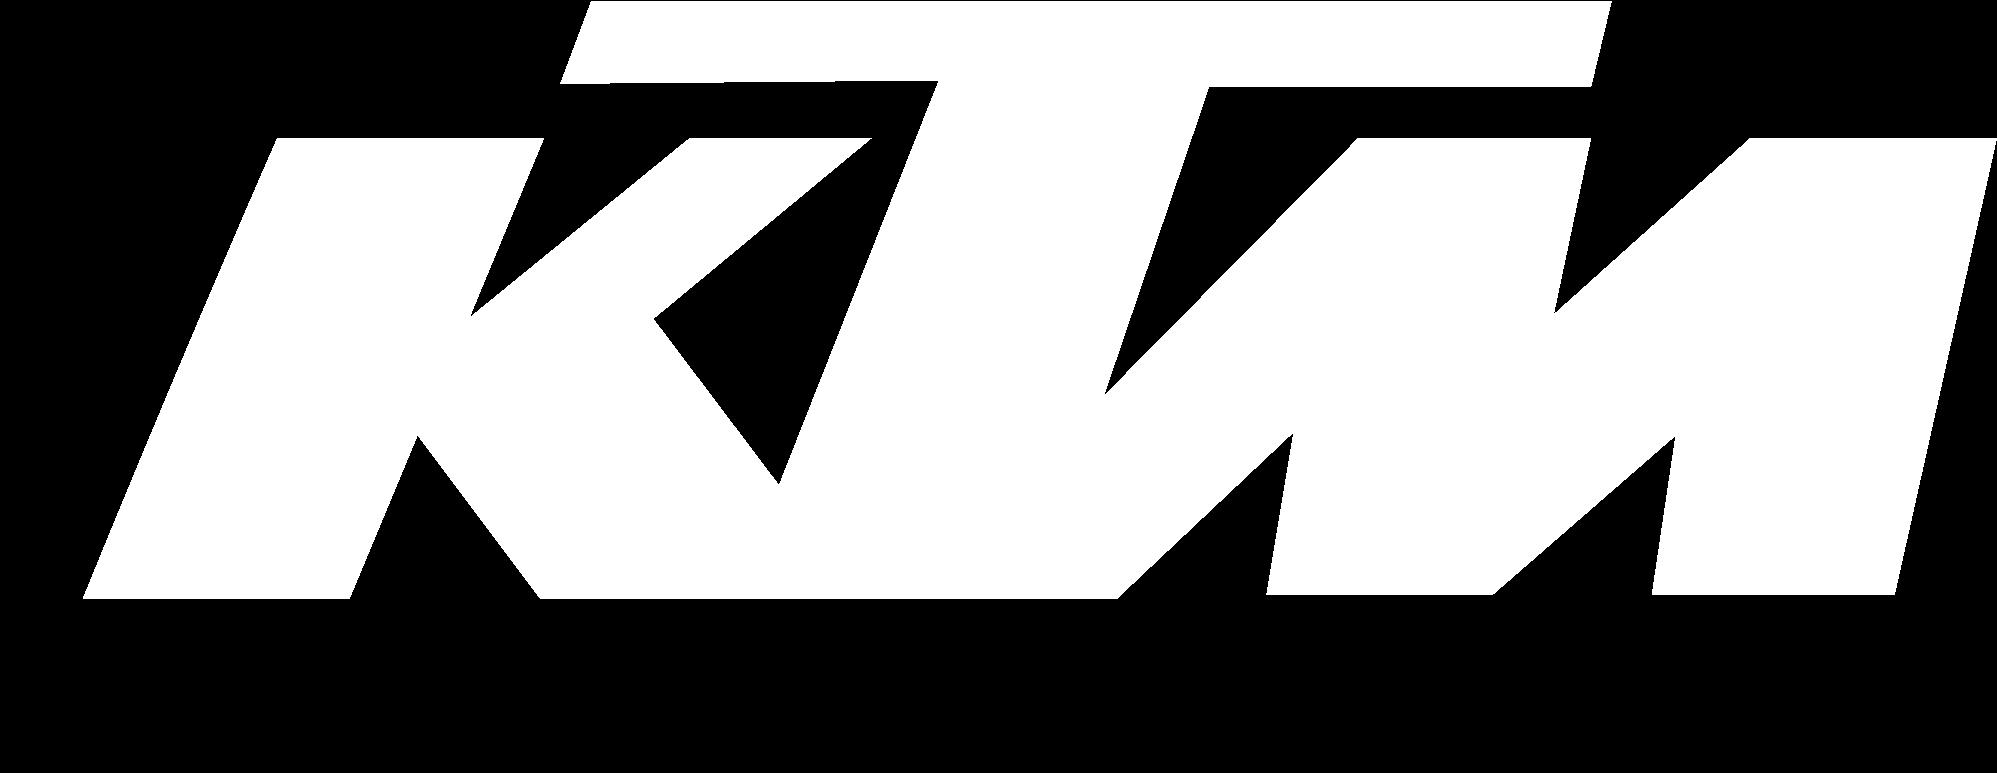 Download Ktm Racing Logo Blac